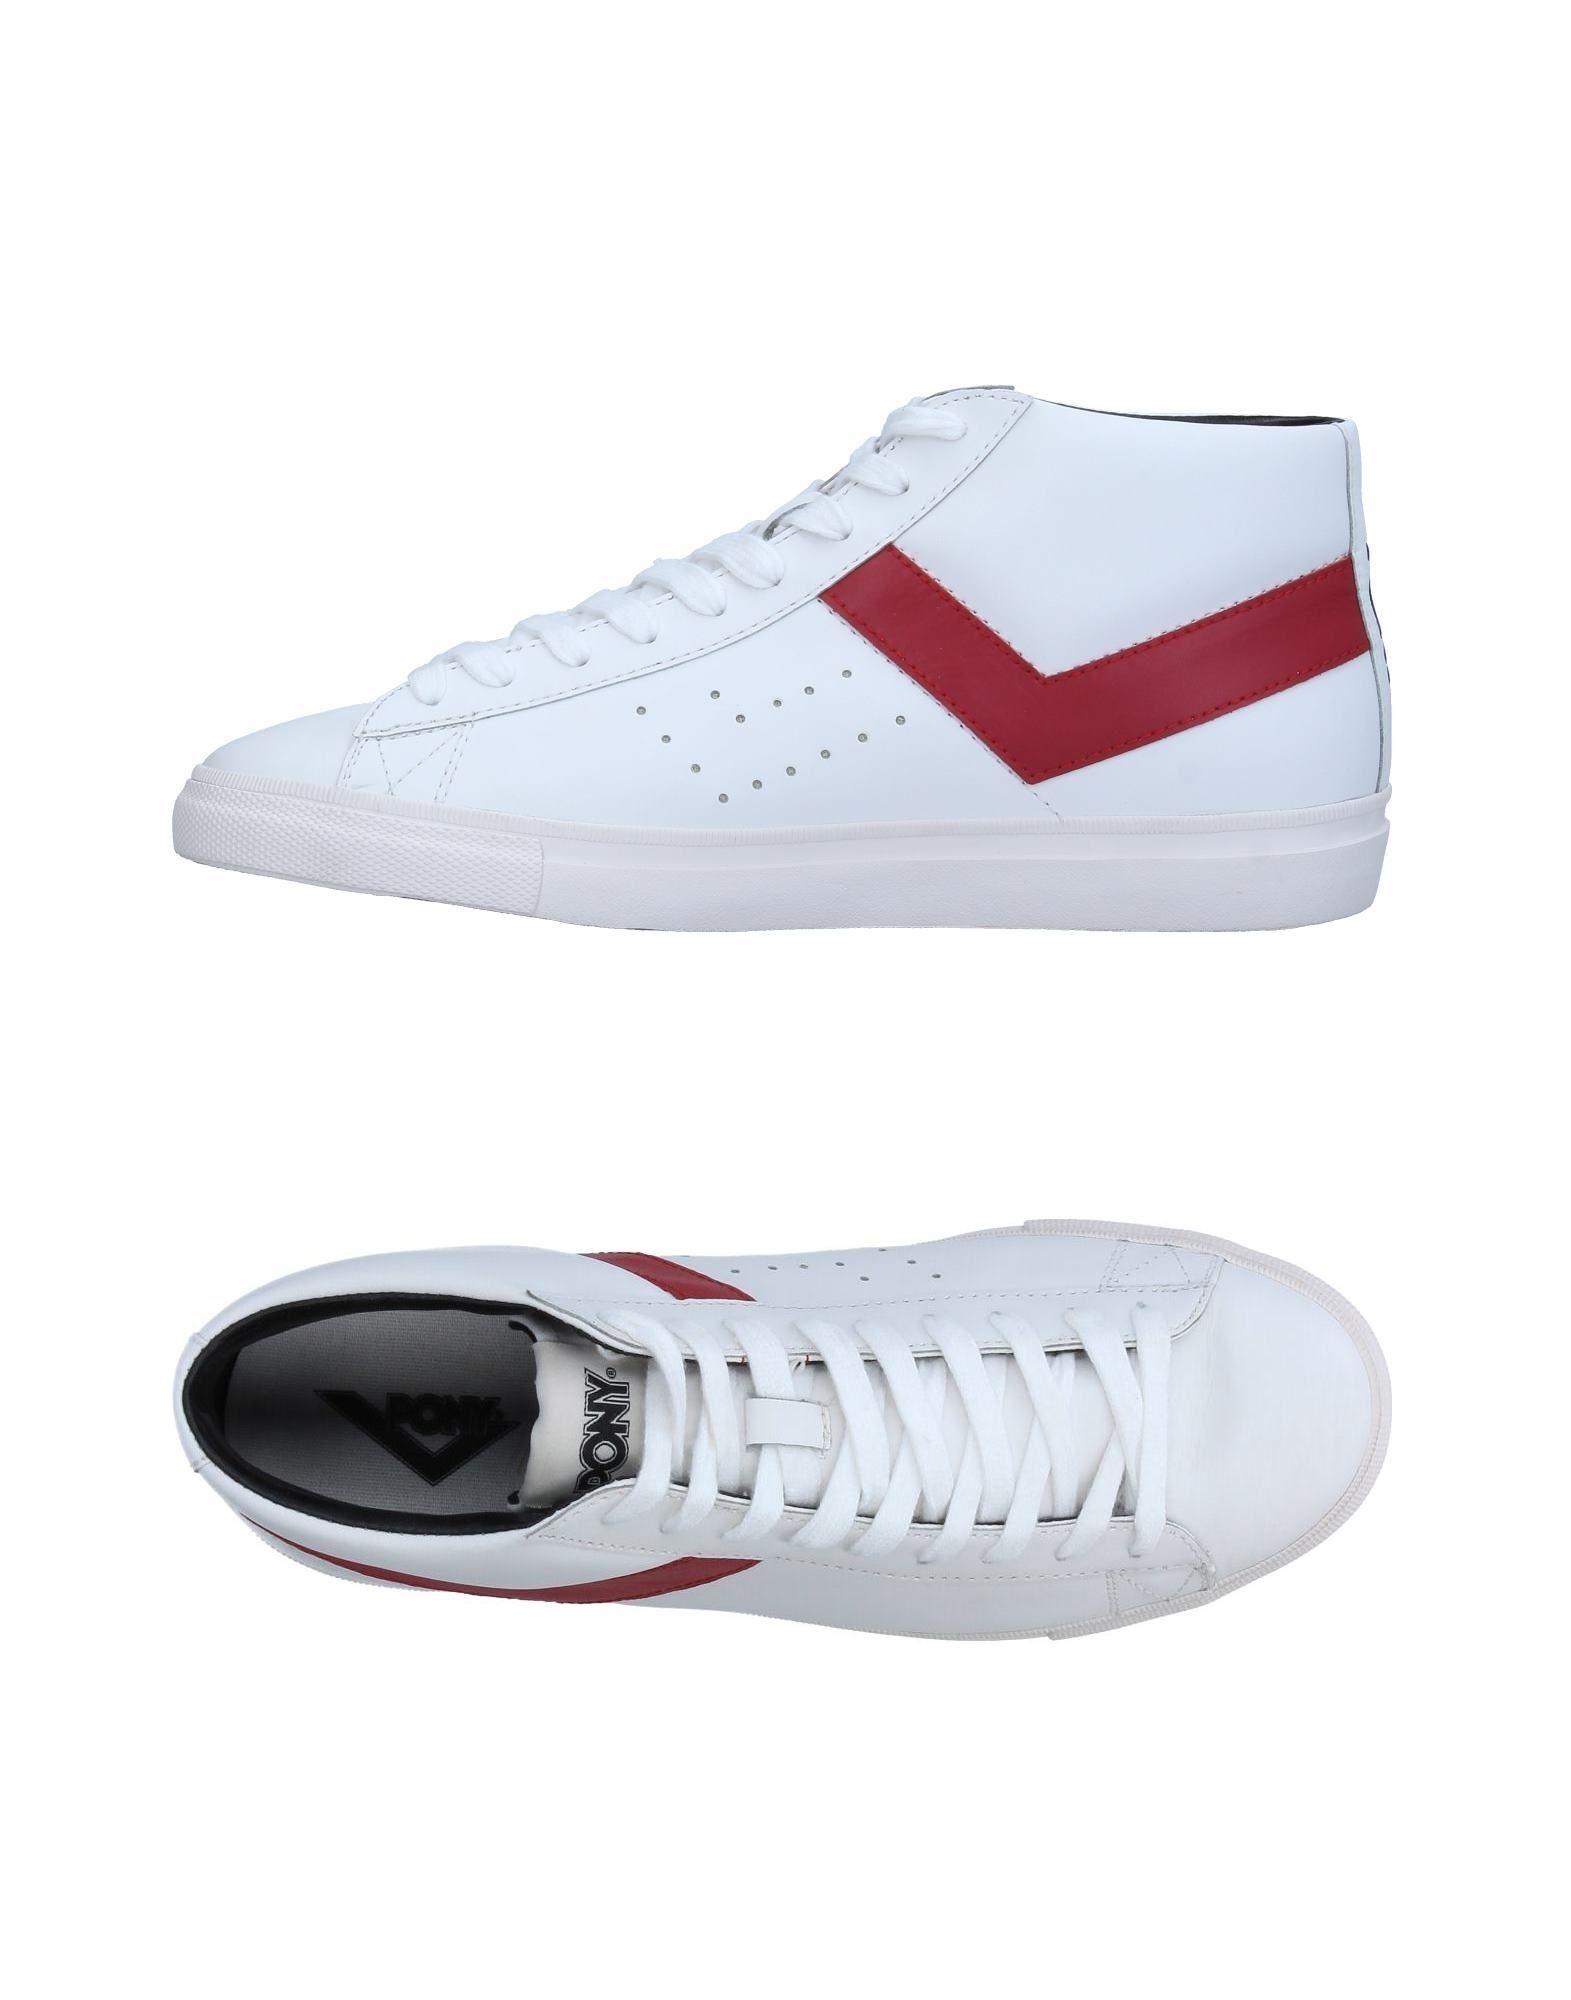 11340279WG Pony Sneakers Herren  11340279WG  c3a750